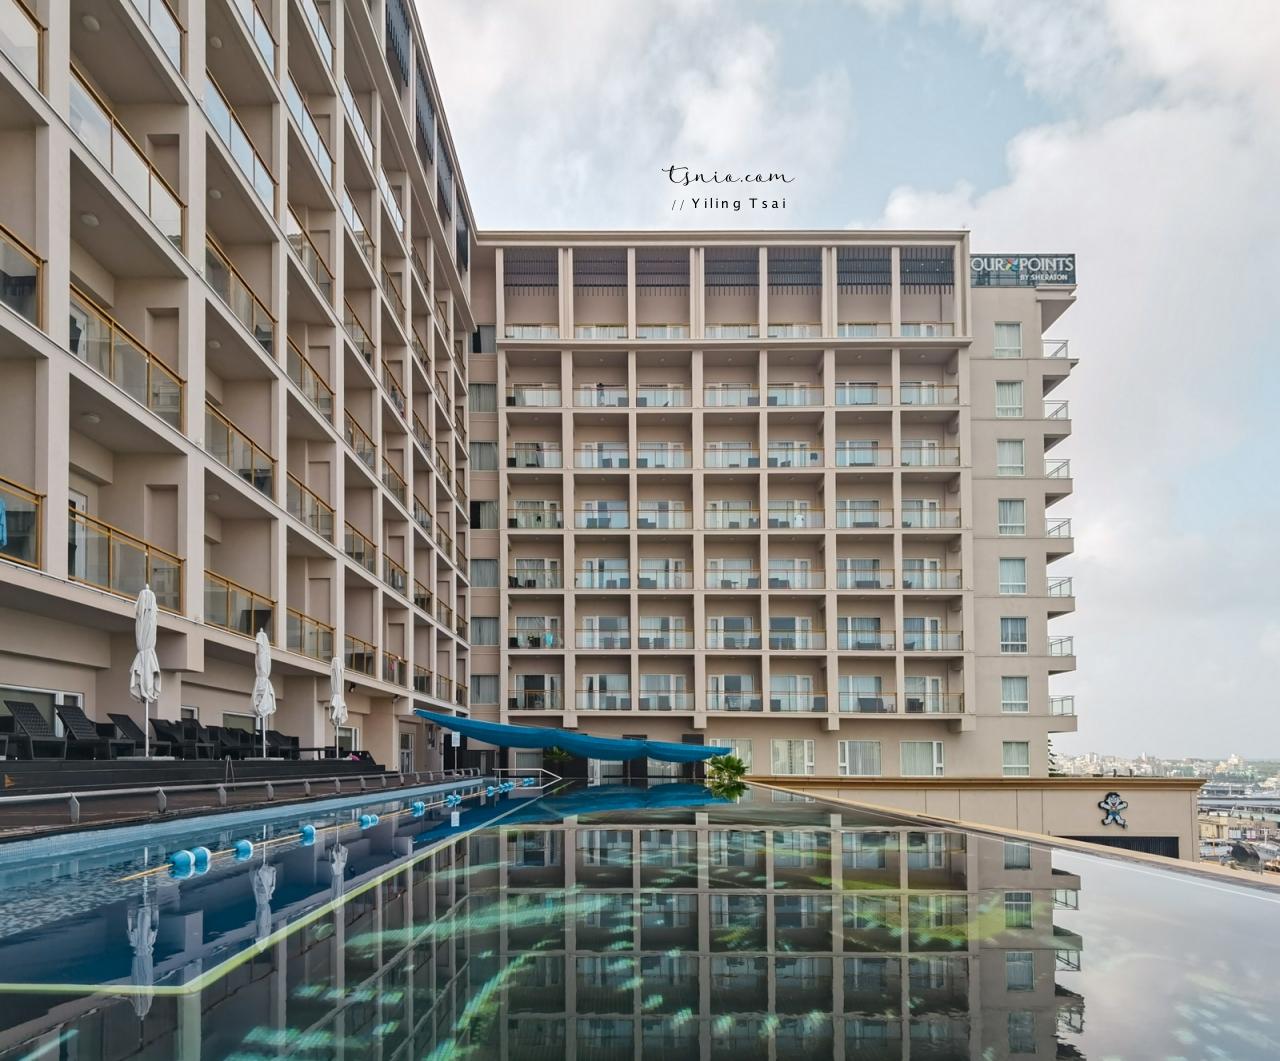 澎湖飯店推薦 福朋喜來登酒店 無邊際泳池海景飯店